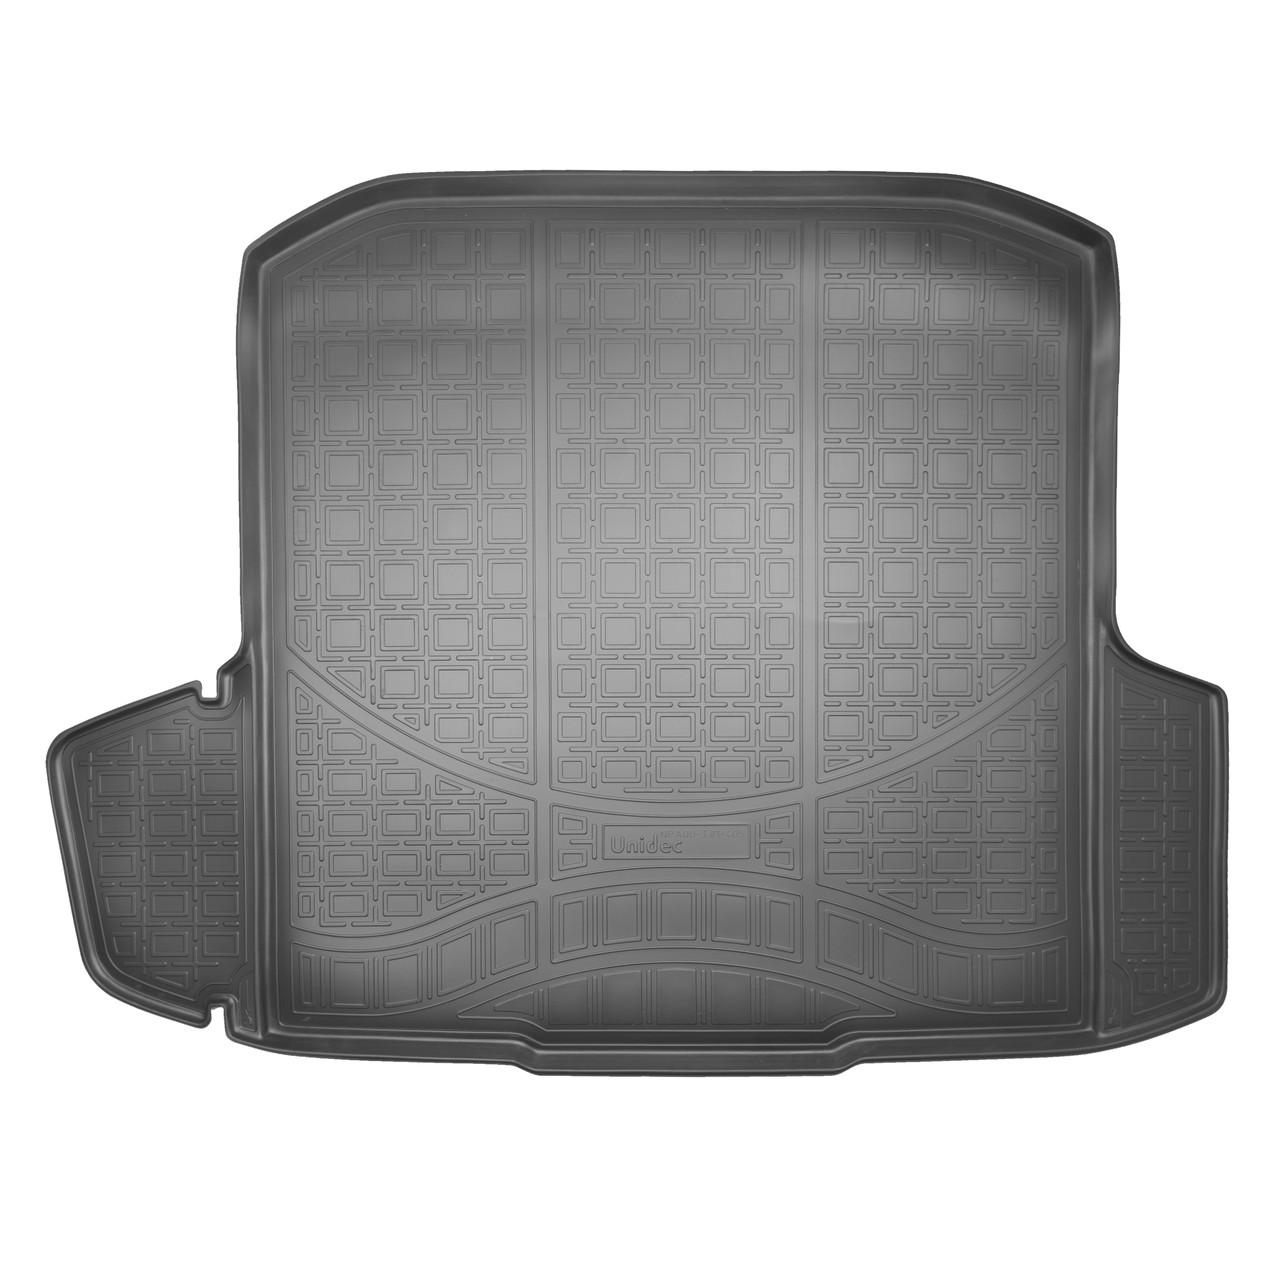 Коврик в багажник Skoda Octavia III (A7) Combi (2013)